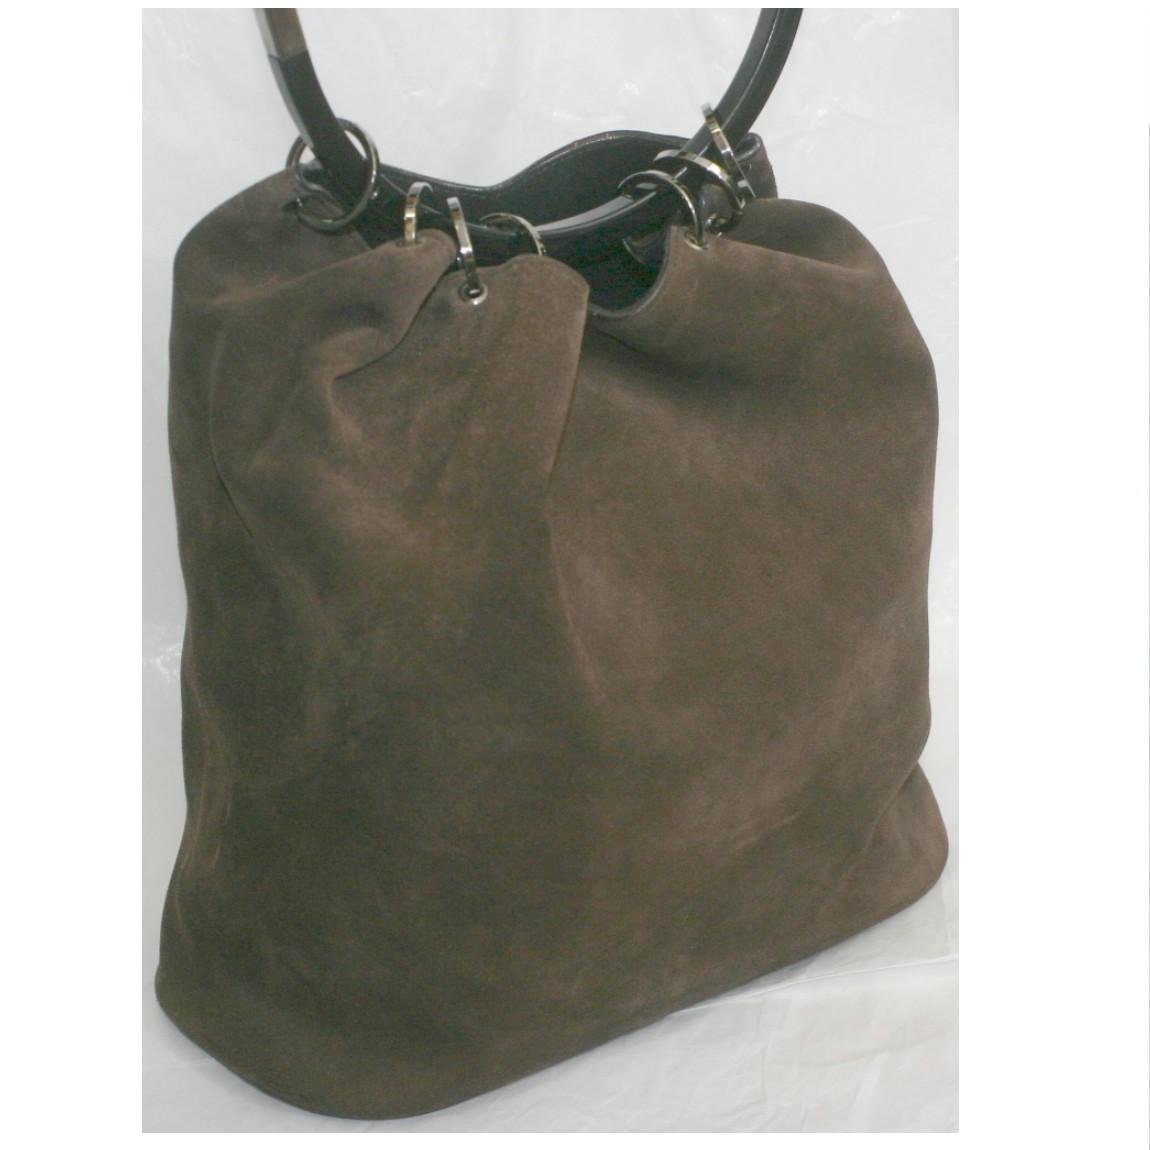 【中古】本物綺麗グッチ女性用焦げ茶色スエード素材の巾着式トートバッグ サイズW28H28D13cm